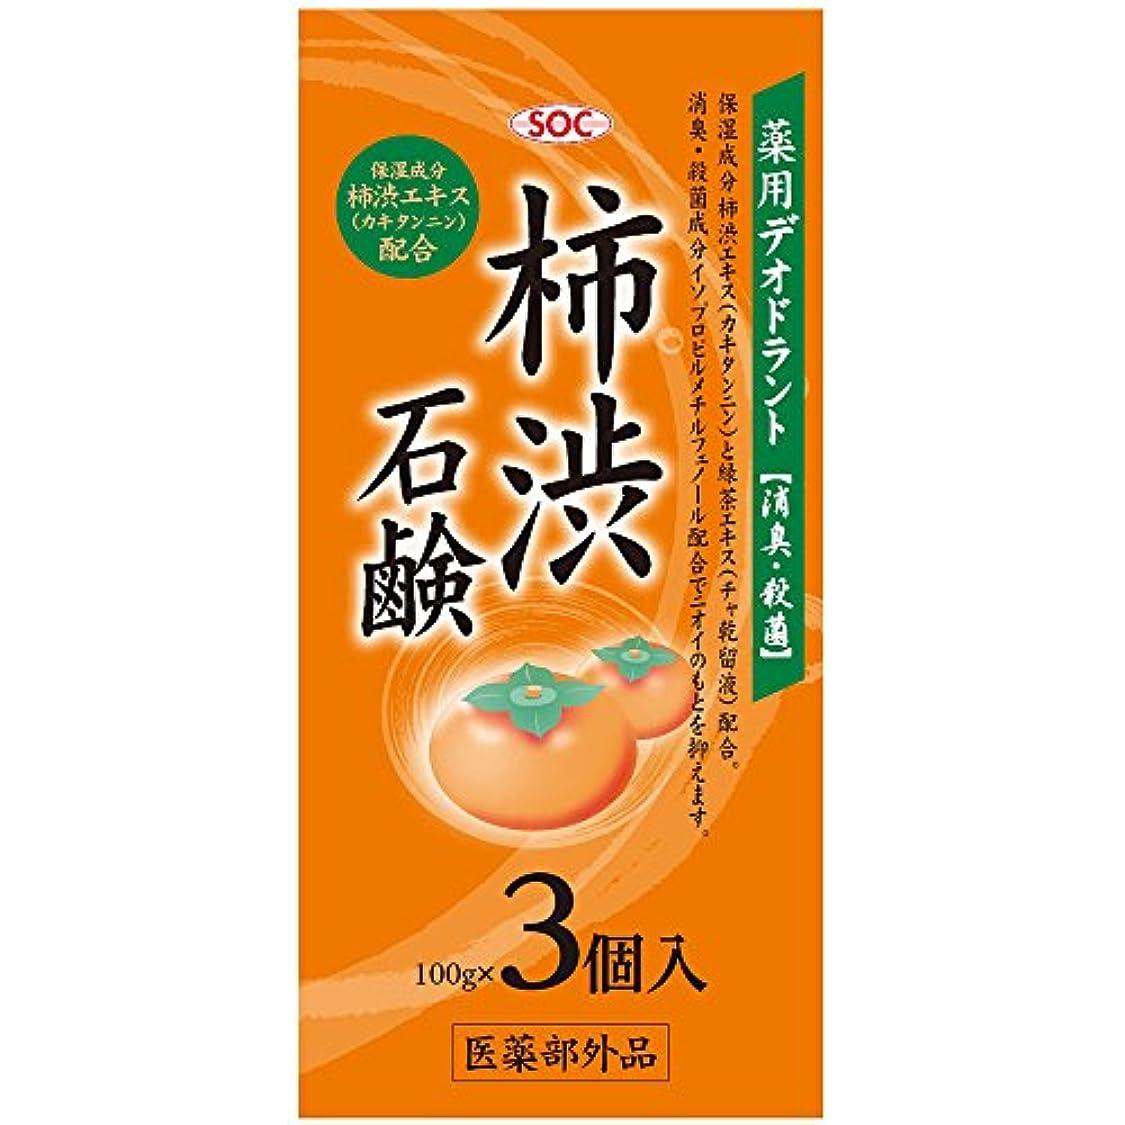 興味独立した専門化するSOC 薬用柿渋石鹸 3P (100g×3)